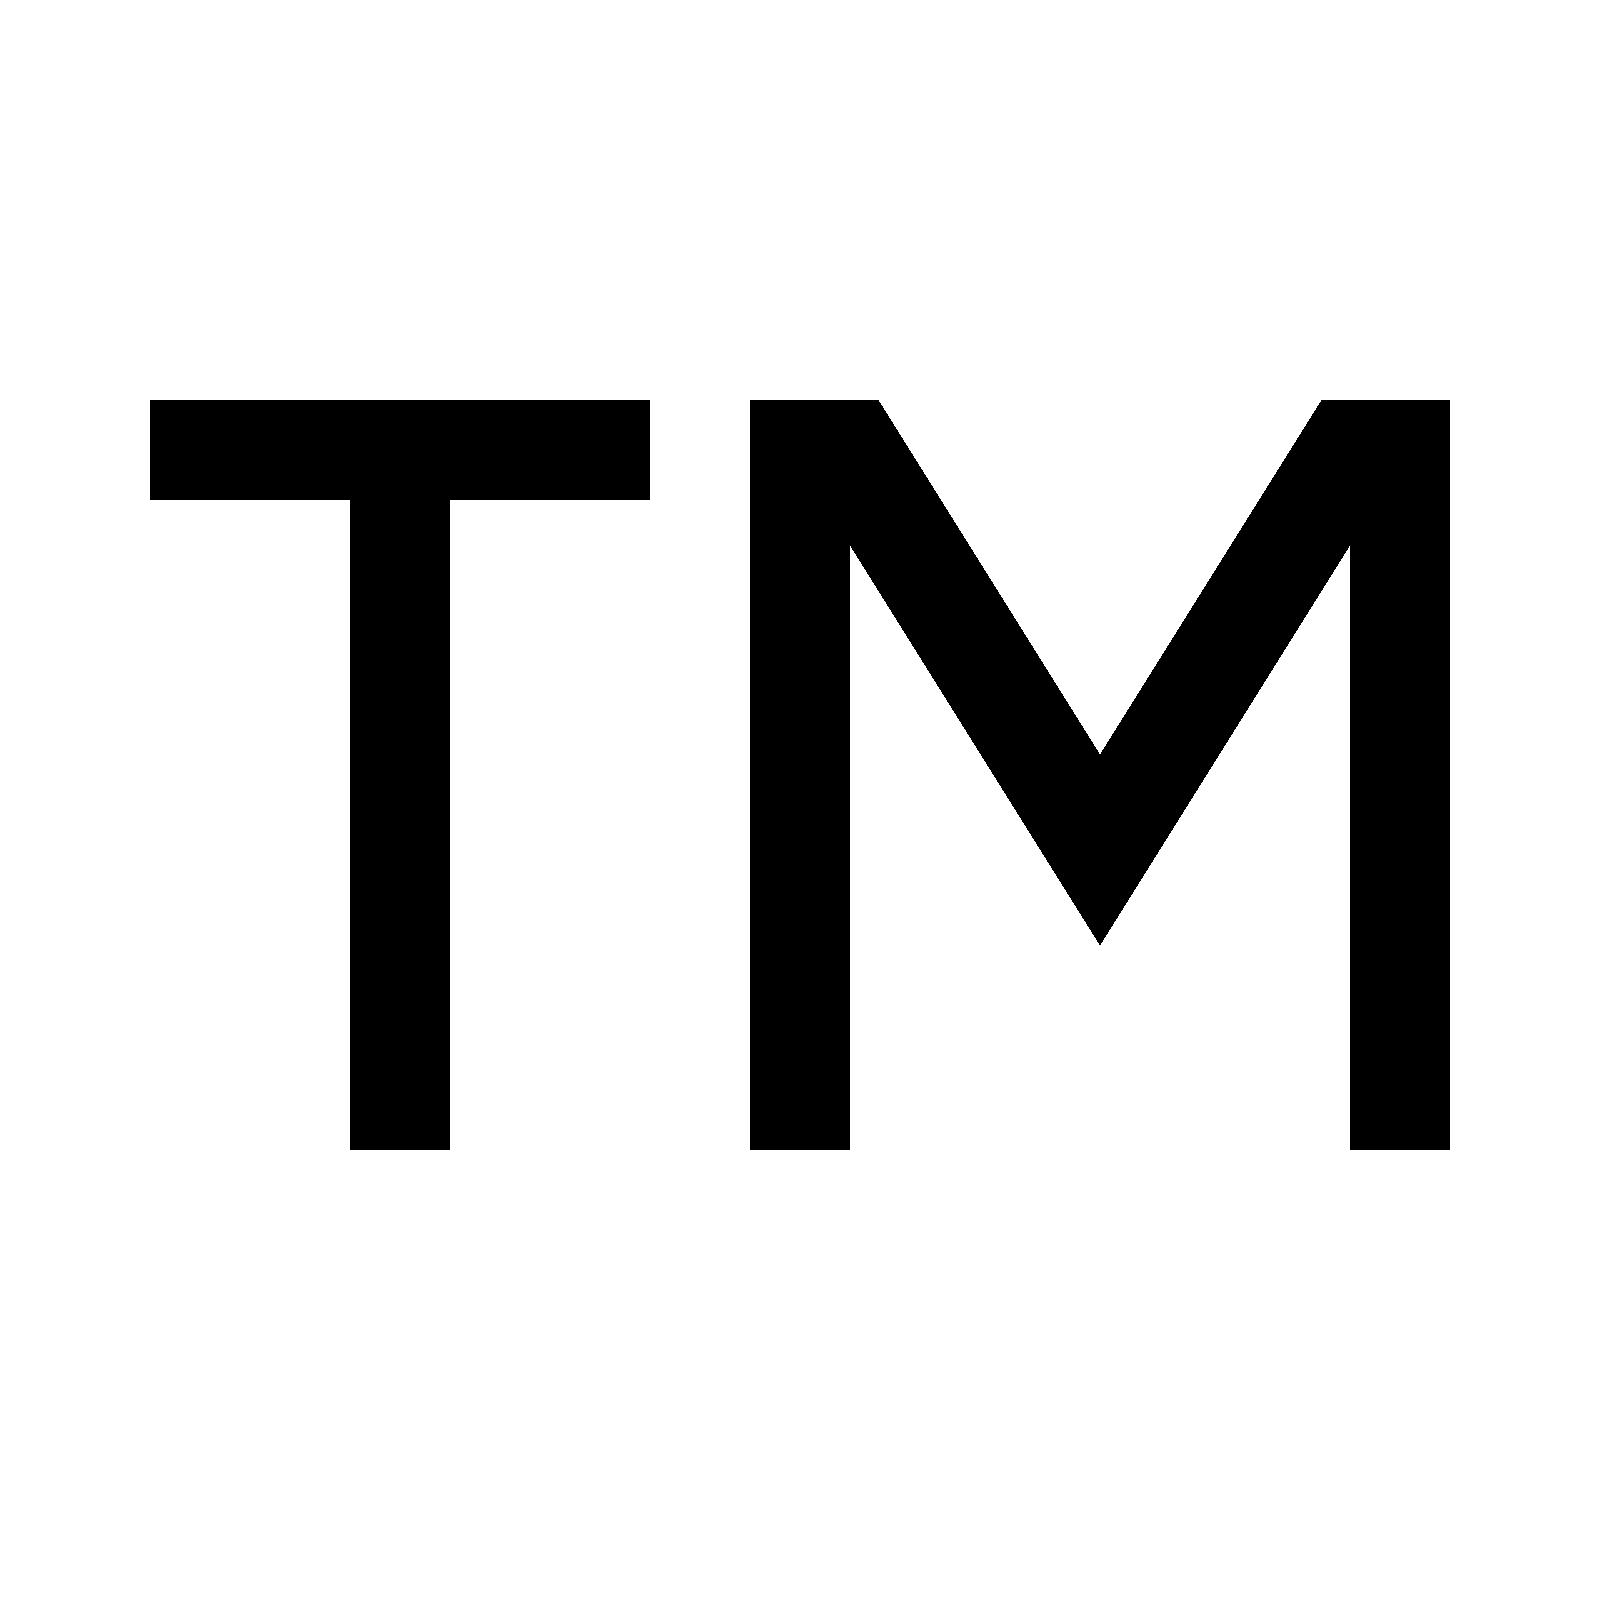 R Registered Trademark Symbol